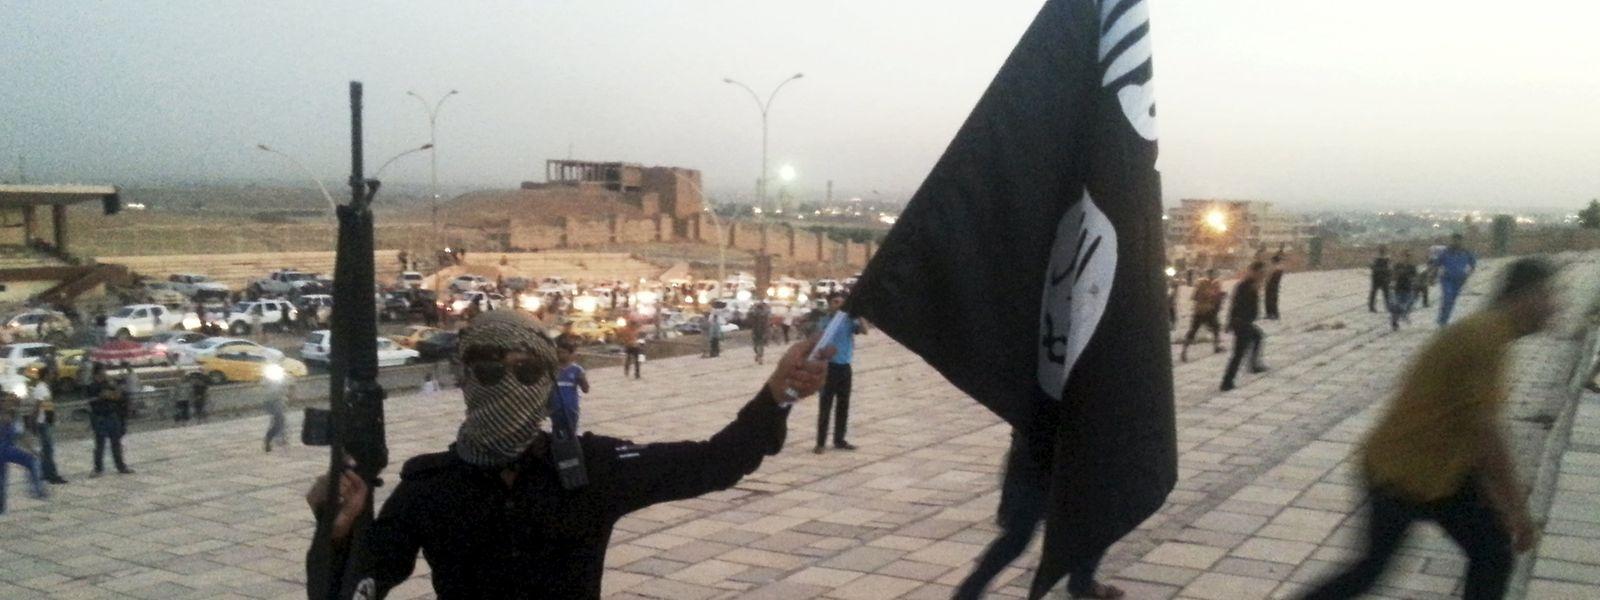 IS-Kämpfer im Jahr 2015 in Syrien.